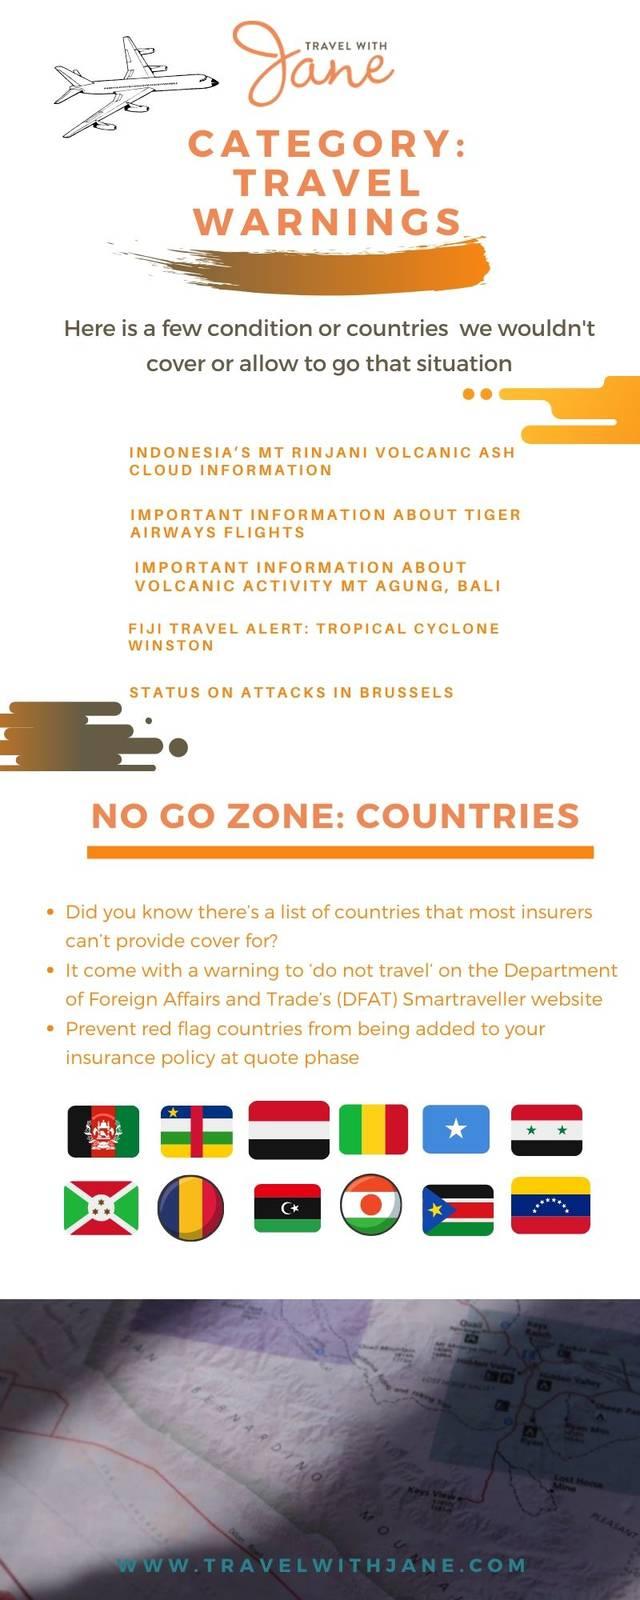 No go zone area